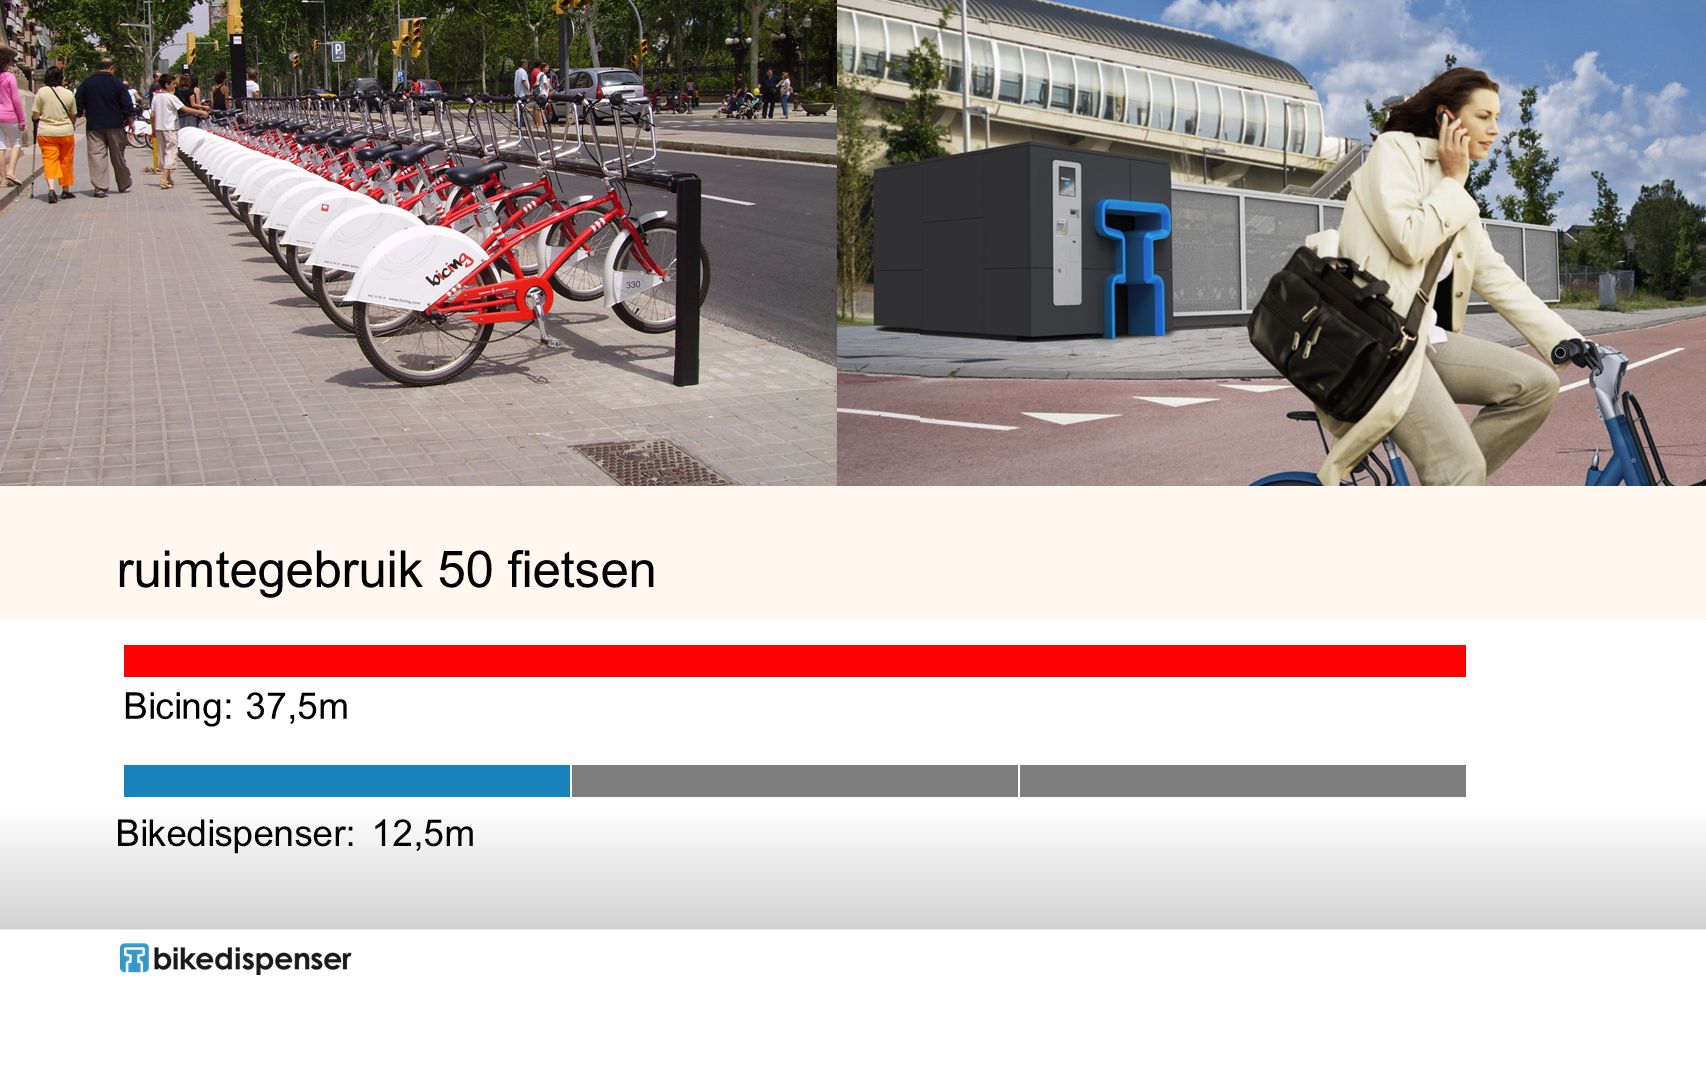 ruimtegebruik 50 fietsen